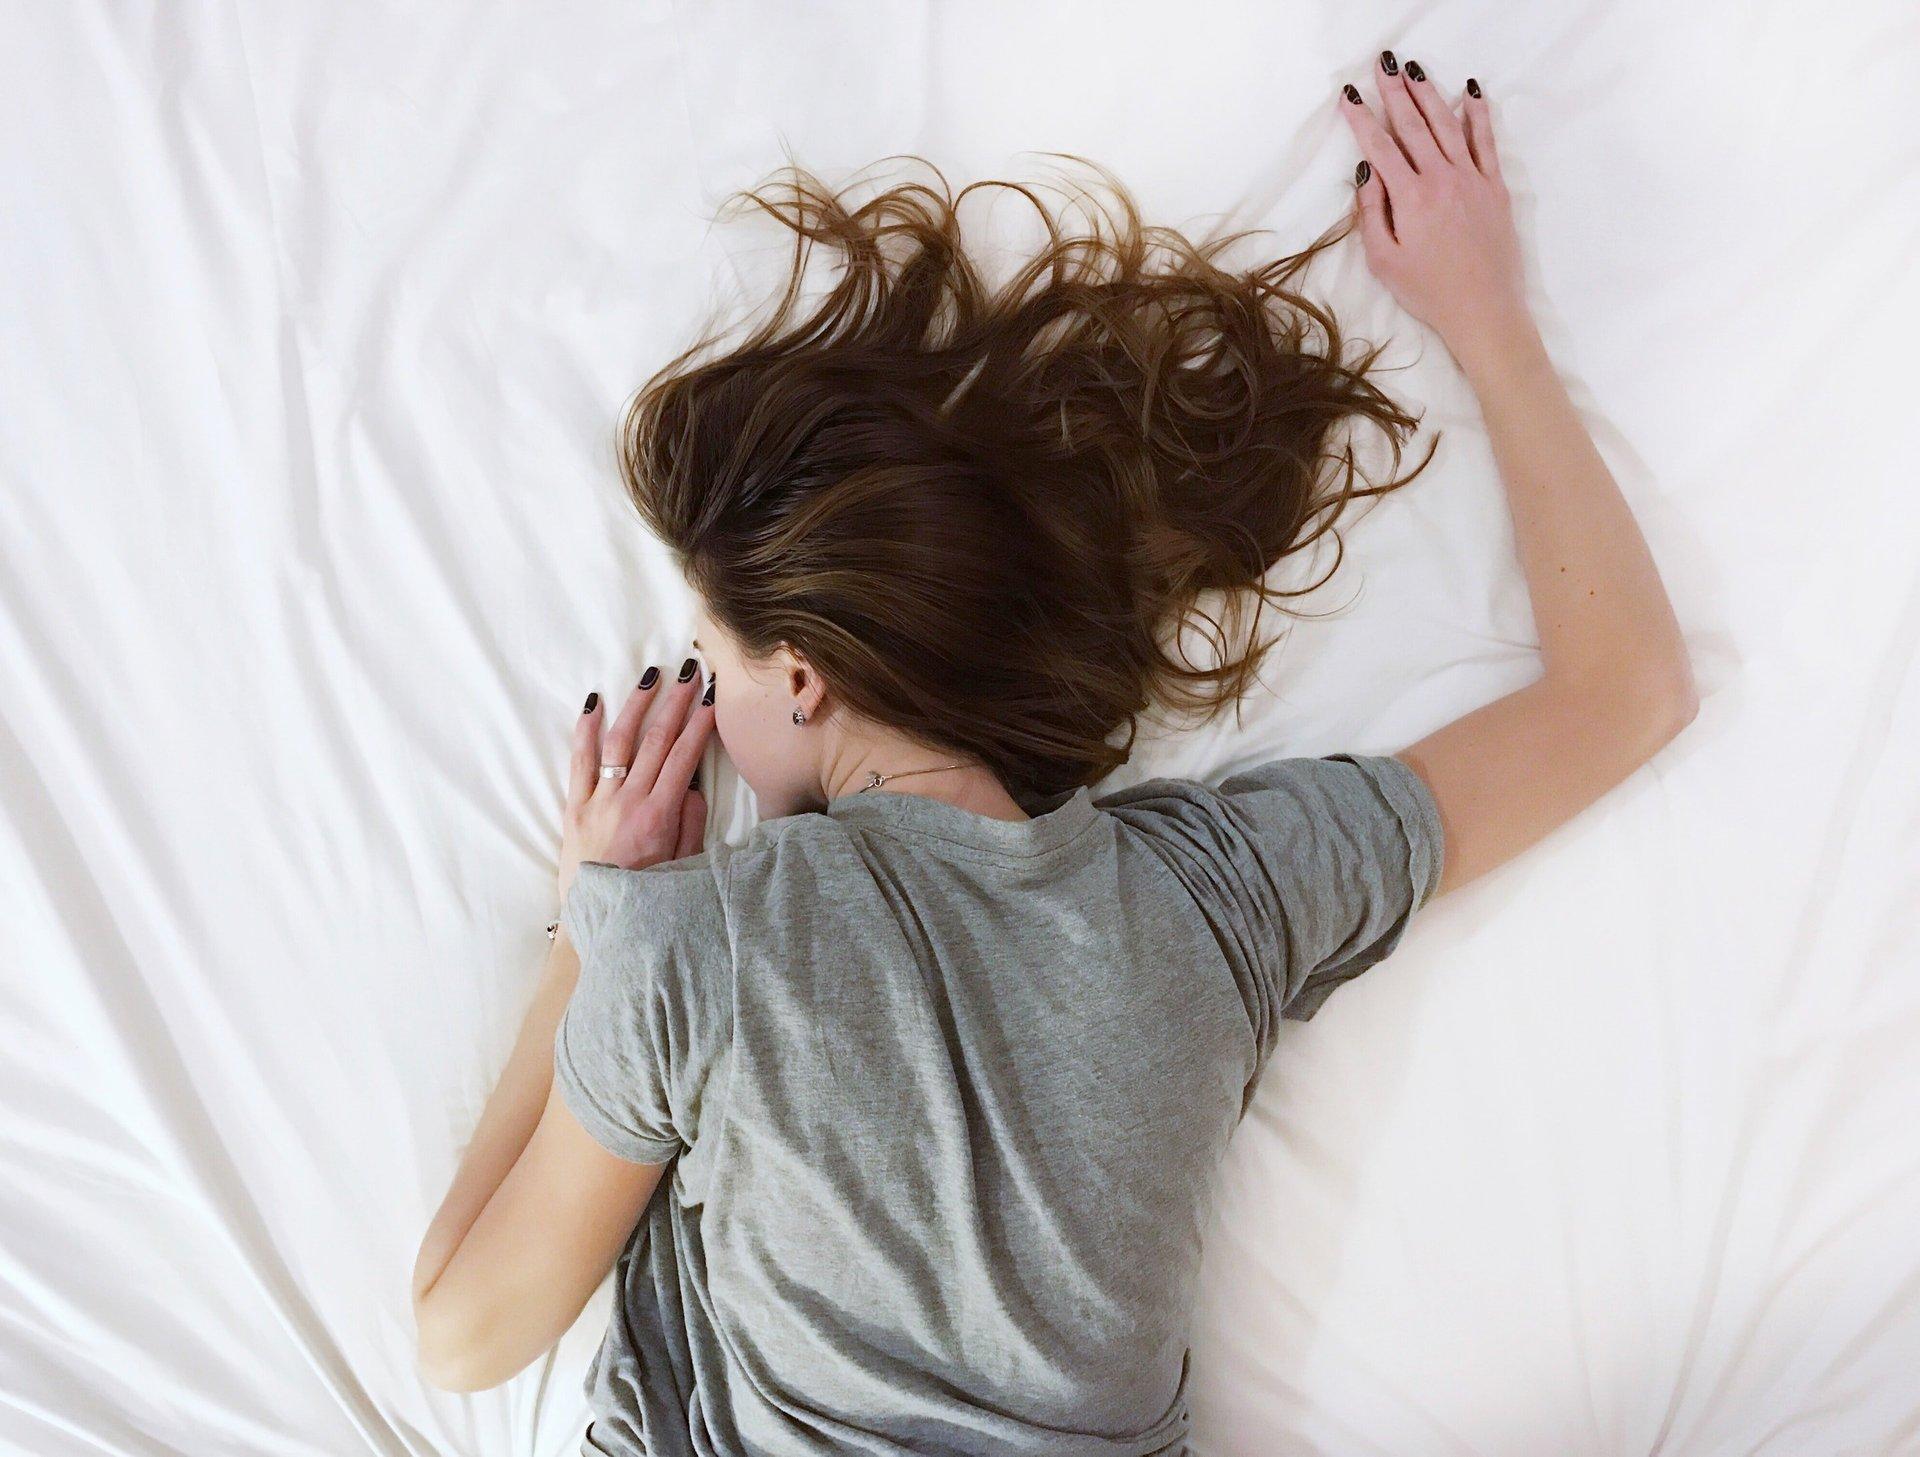 5 Energizing Yoga Poses